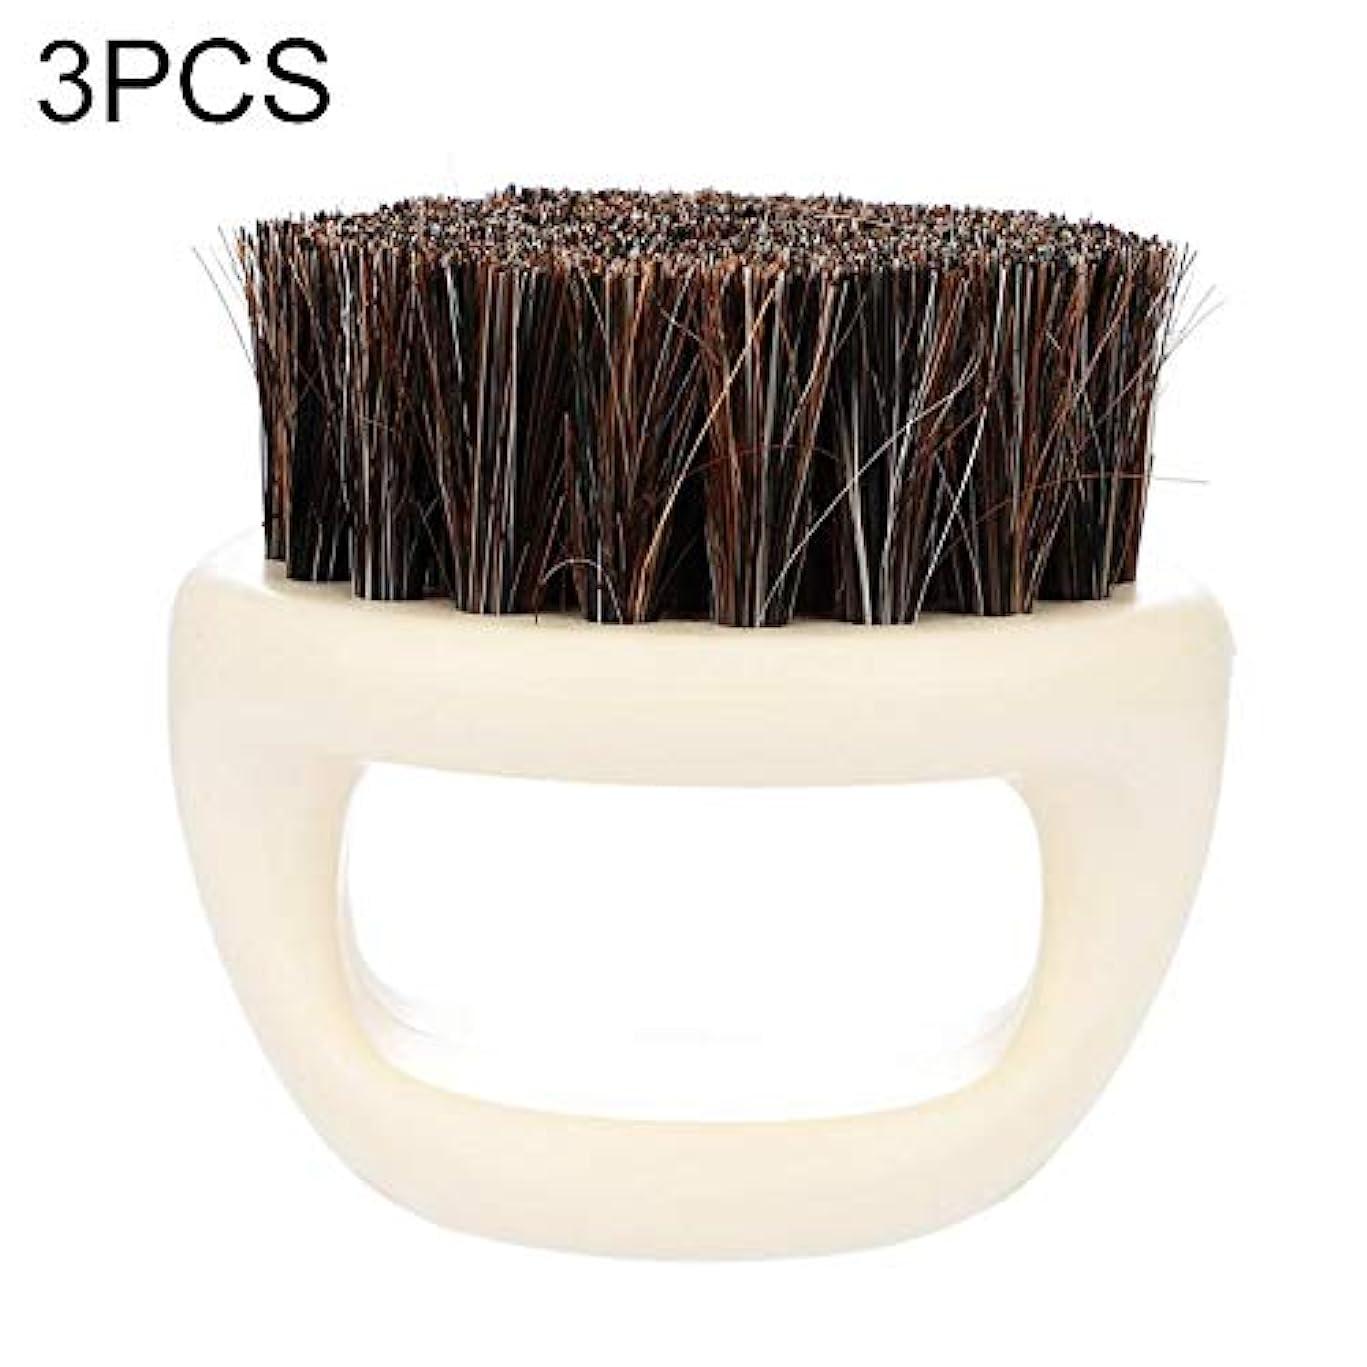 抽象虎過度にWTYD 美容ヘアツール 3 PCSメンズリングデザインポータブルボアブラシホワイトABSヘアカットクリーニングシェービングブラシ (色 : Black)